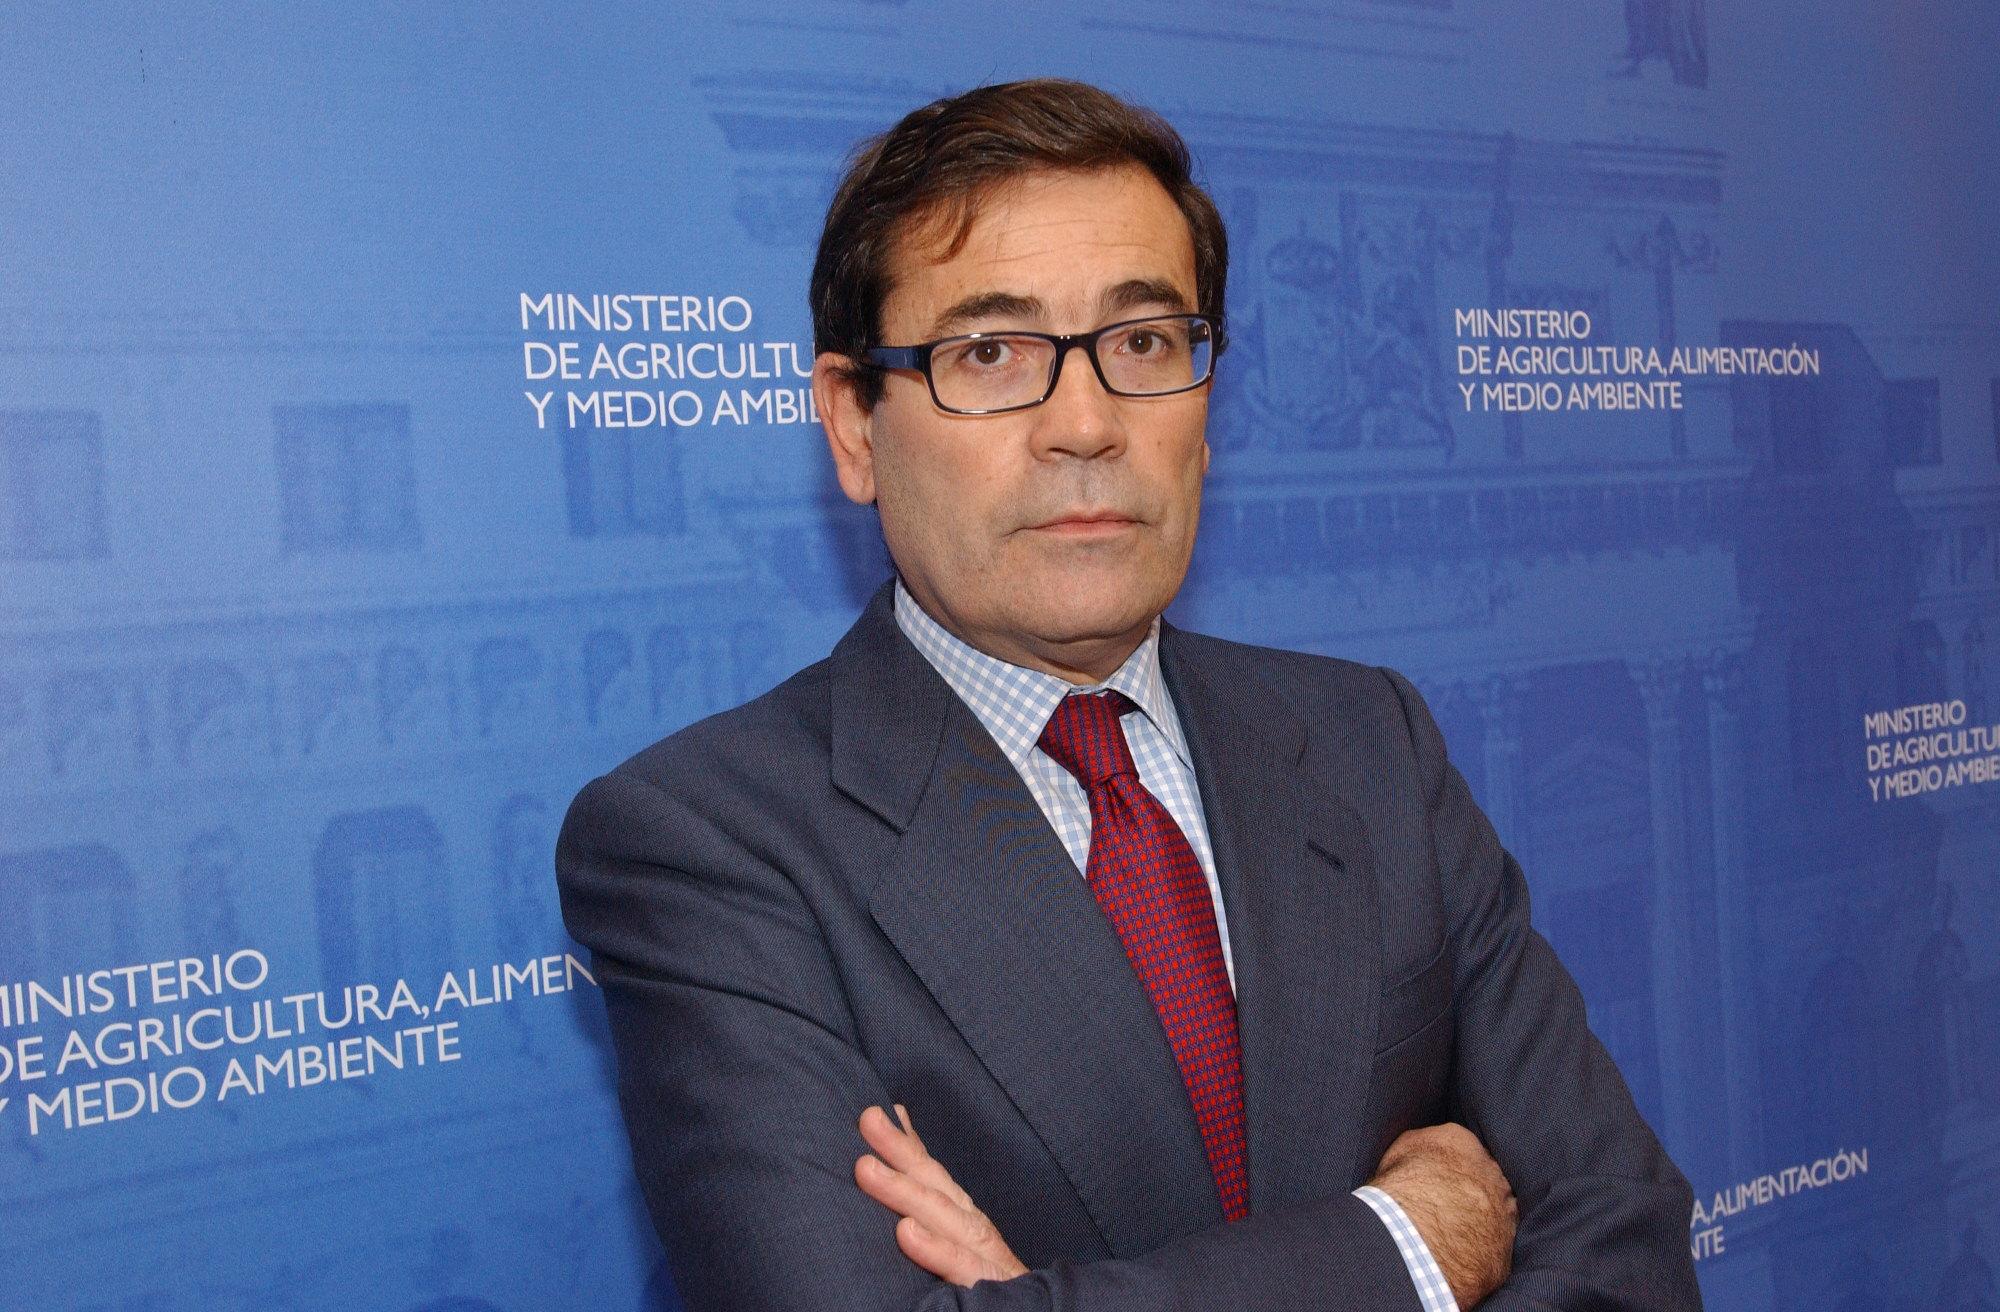 Carlos Cabanas: Los productos de calidad diferenciada son clave para la promoción de la imagen de España en el exterior